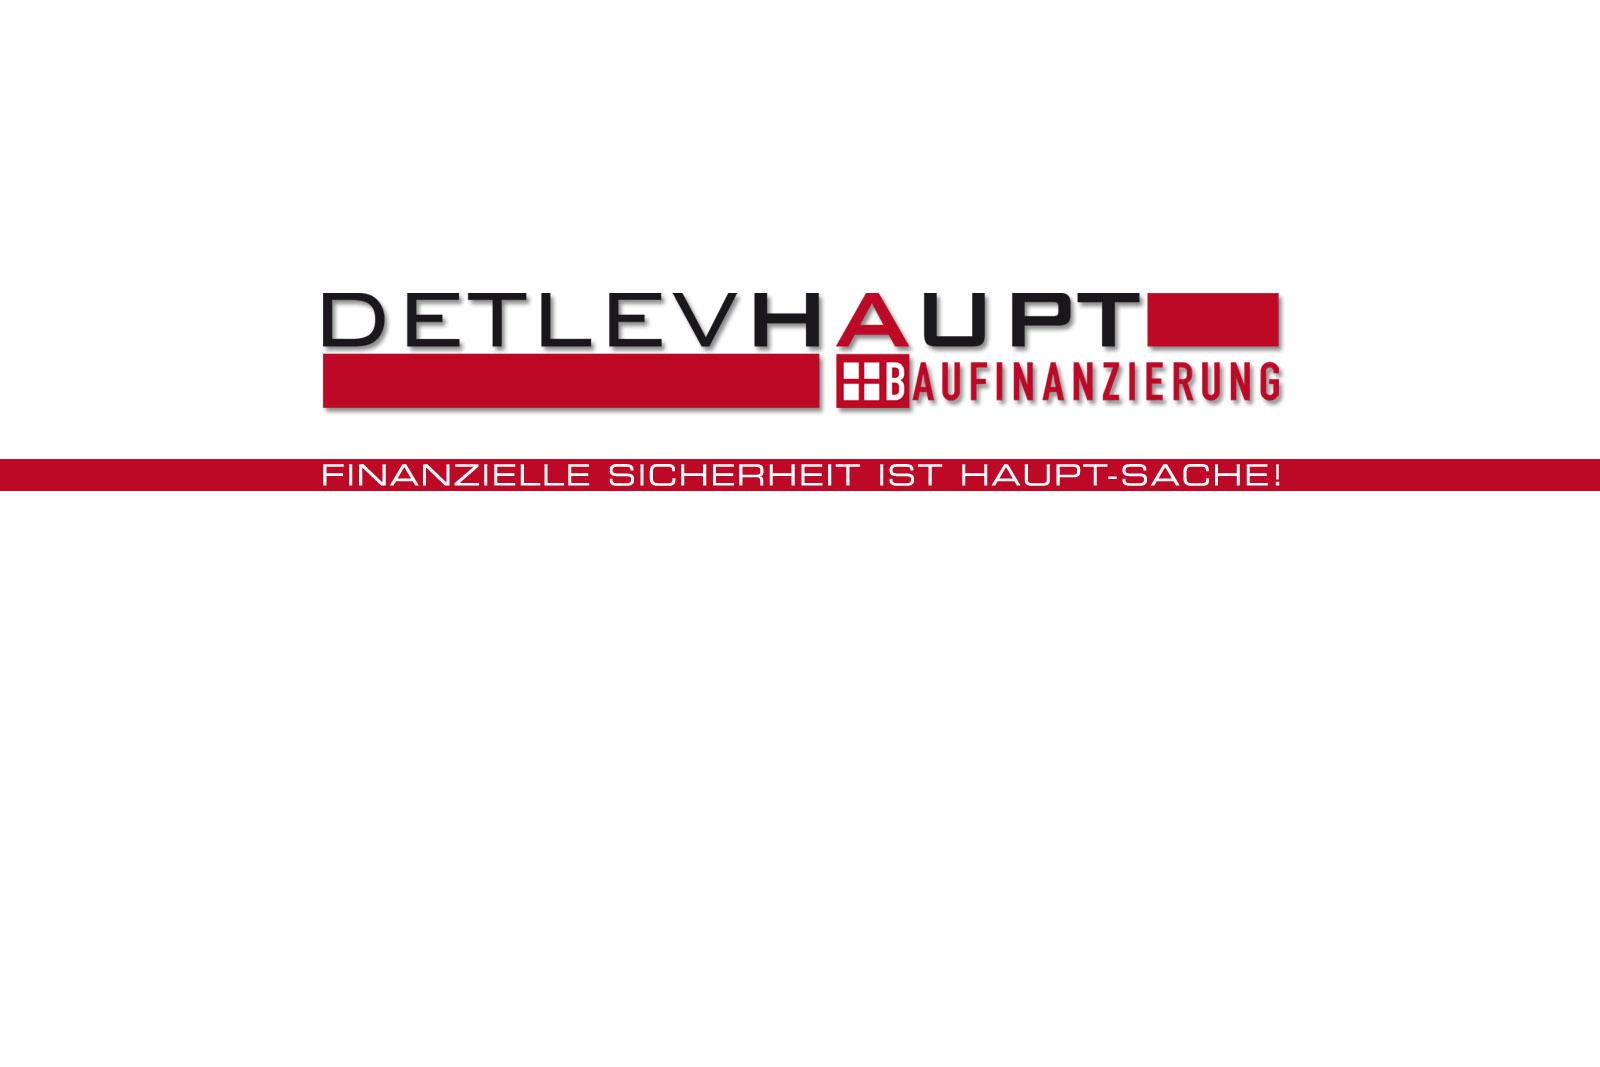 DETLEV HAUPT – Baufinanzierung